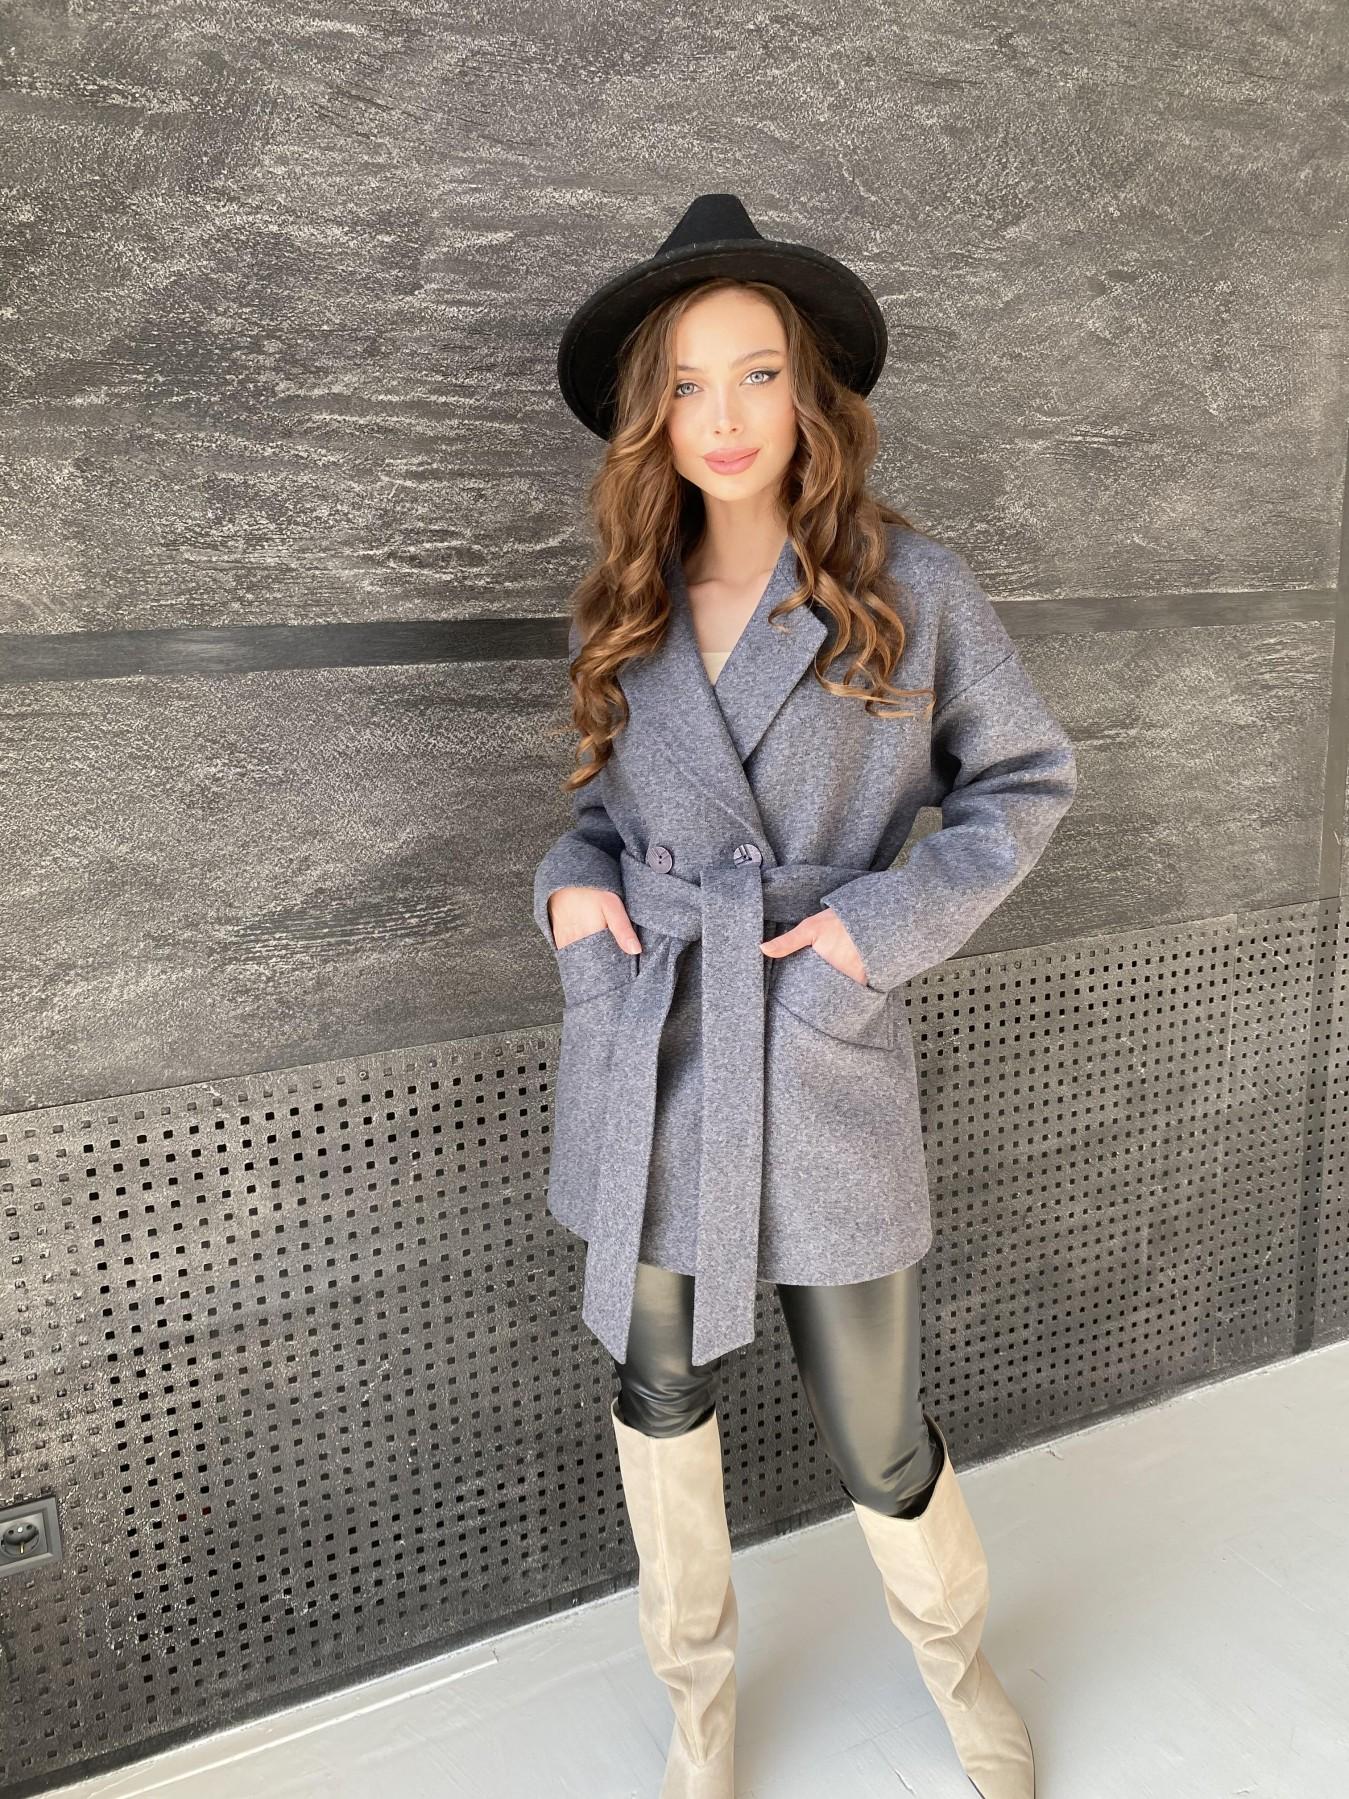 Пальто женское демисезонное купить в интернете Бонд пальто  кашемировое меланж на трикотаже  10644